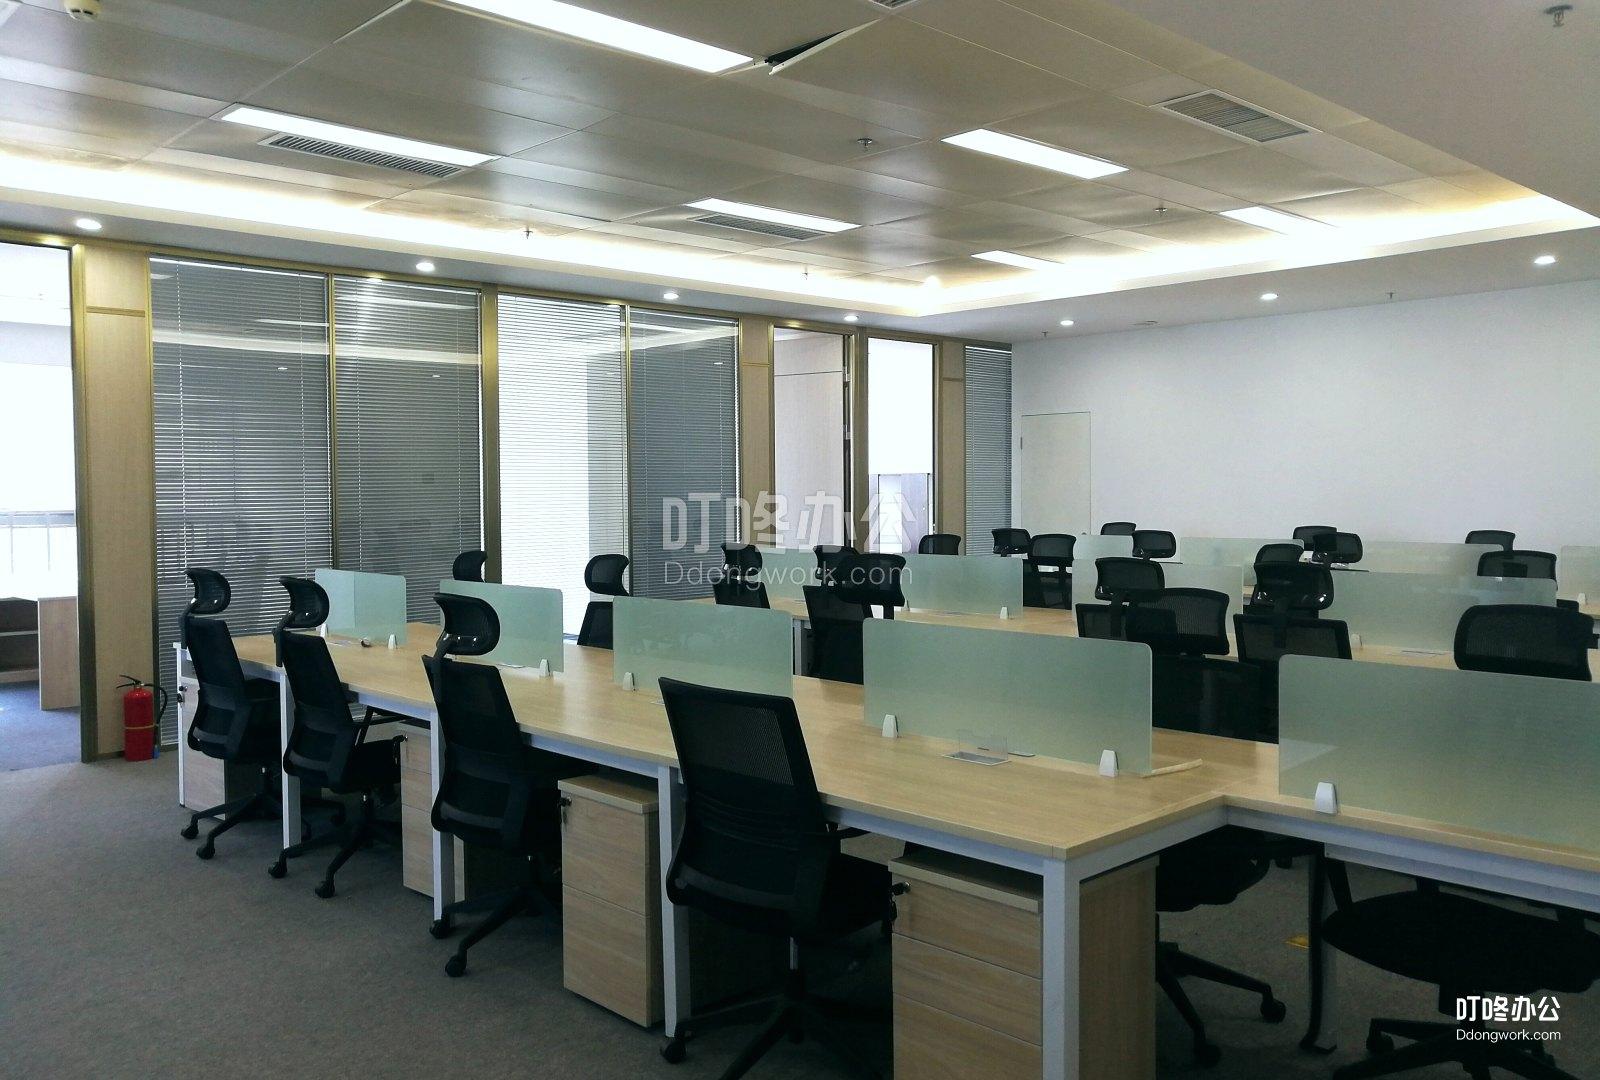 超大型办公室 海王银河科技大厦